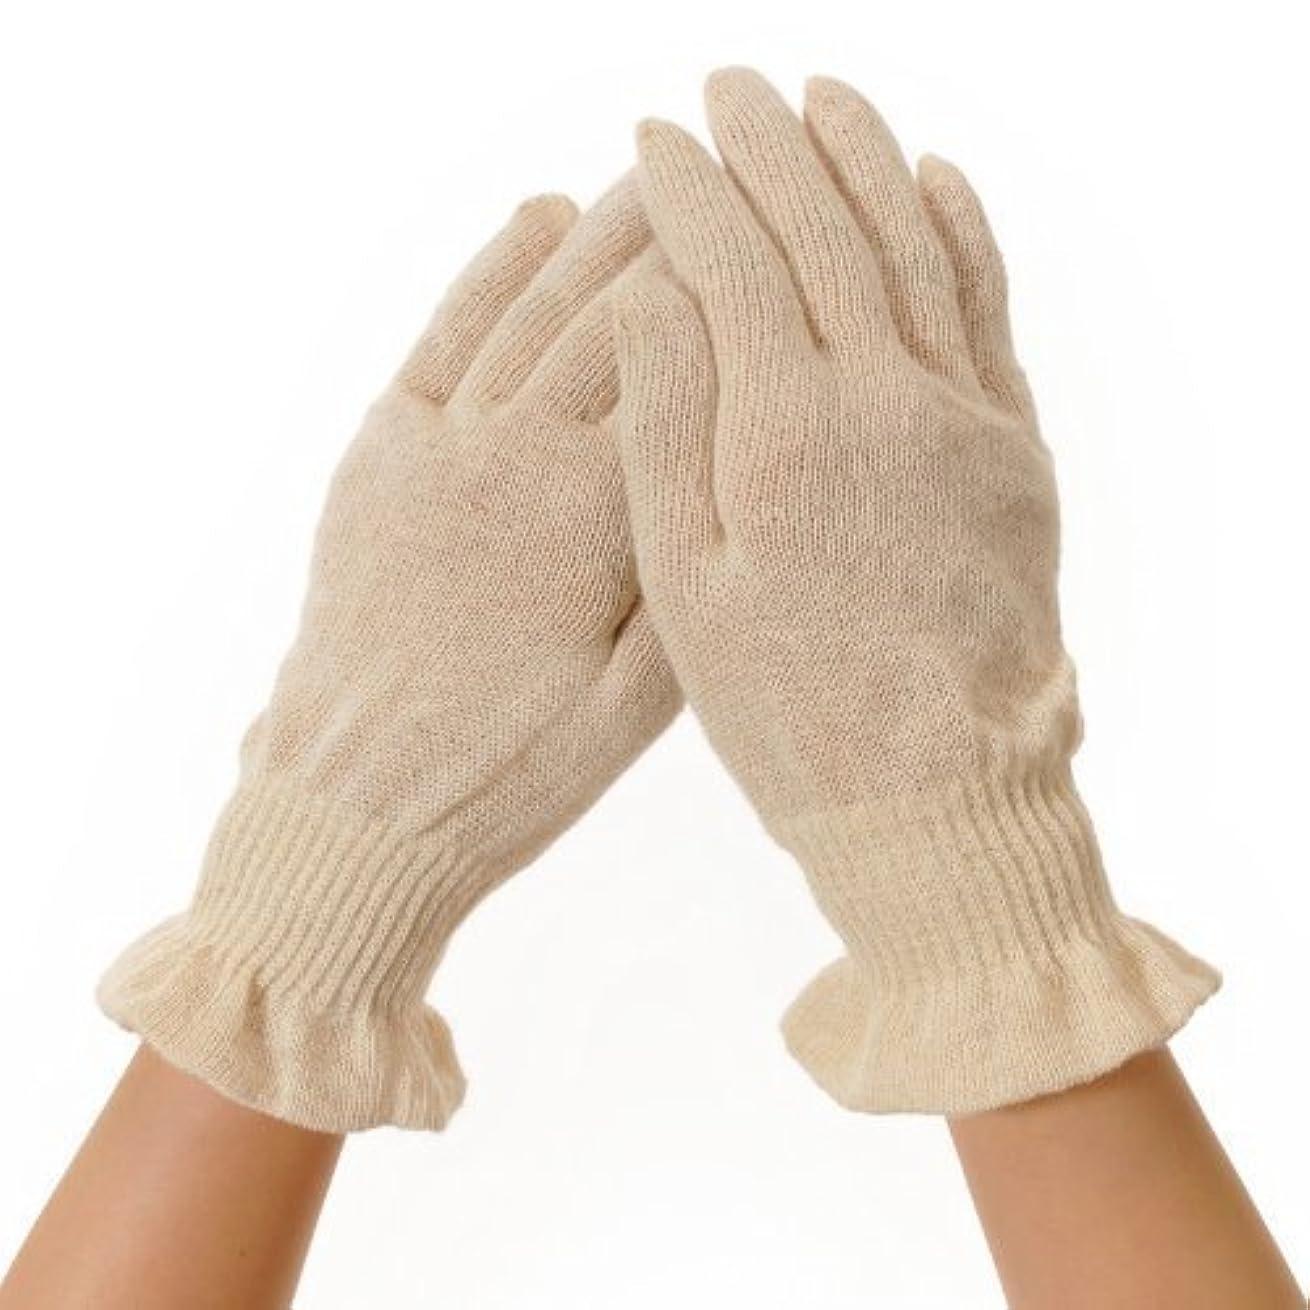 服性格いとこ麻福 就寝用 手袋 [寝ている間に保湿で手荒れケア おやすみ手袋] 麻福特製ヘンプ糸 R レギュラーサイズ (女性ゆったり/男性ジャストフィット) きなり色 手荒れ予防